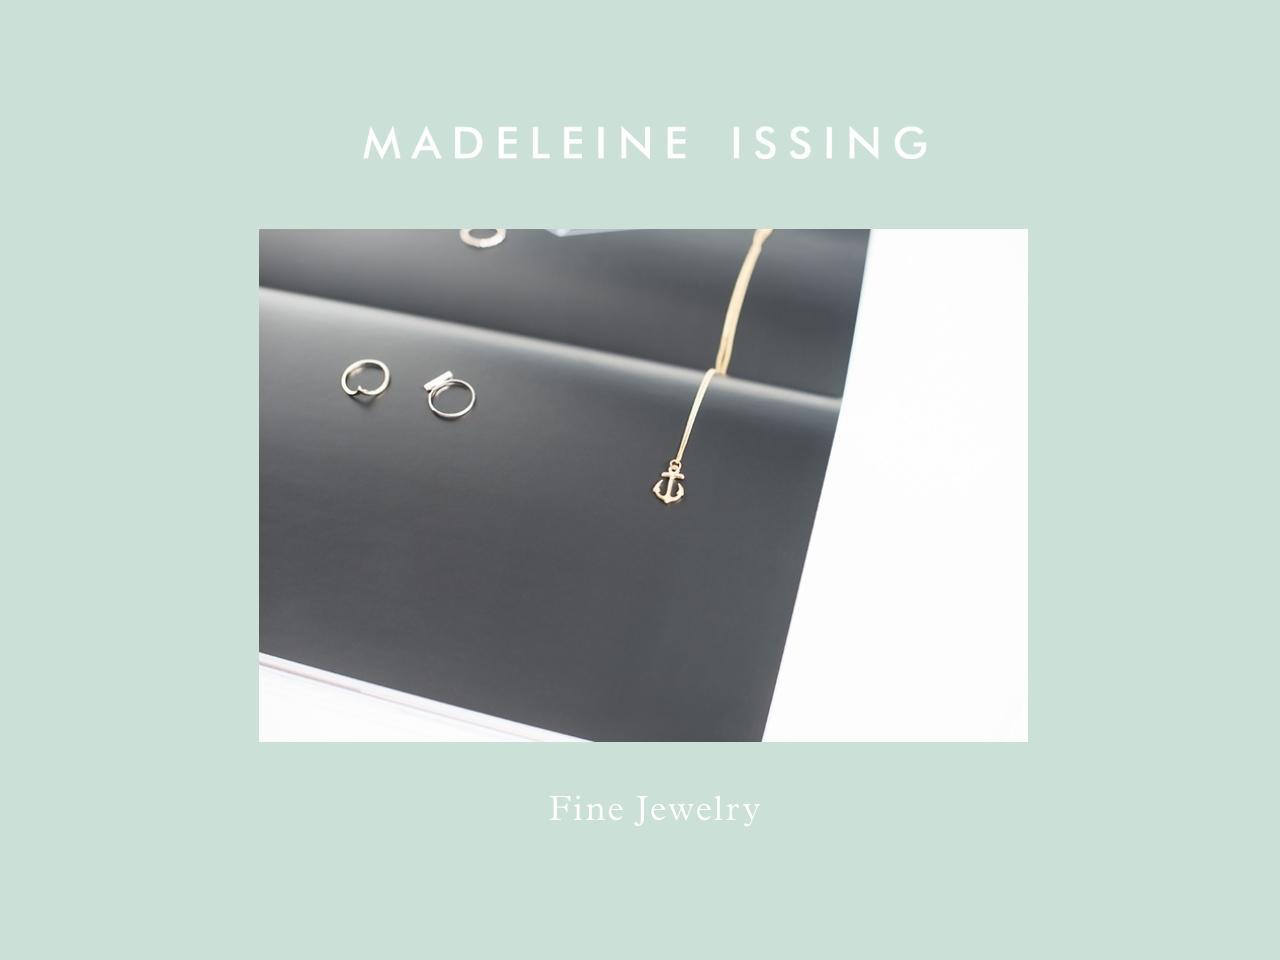 minimalistische Ohrringe minimalistischer Schmuck Madeleine Issing